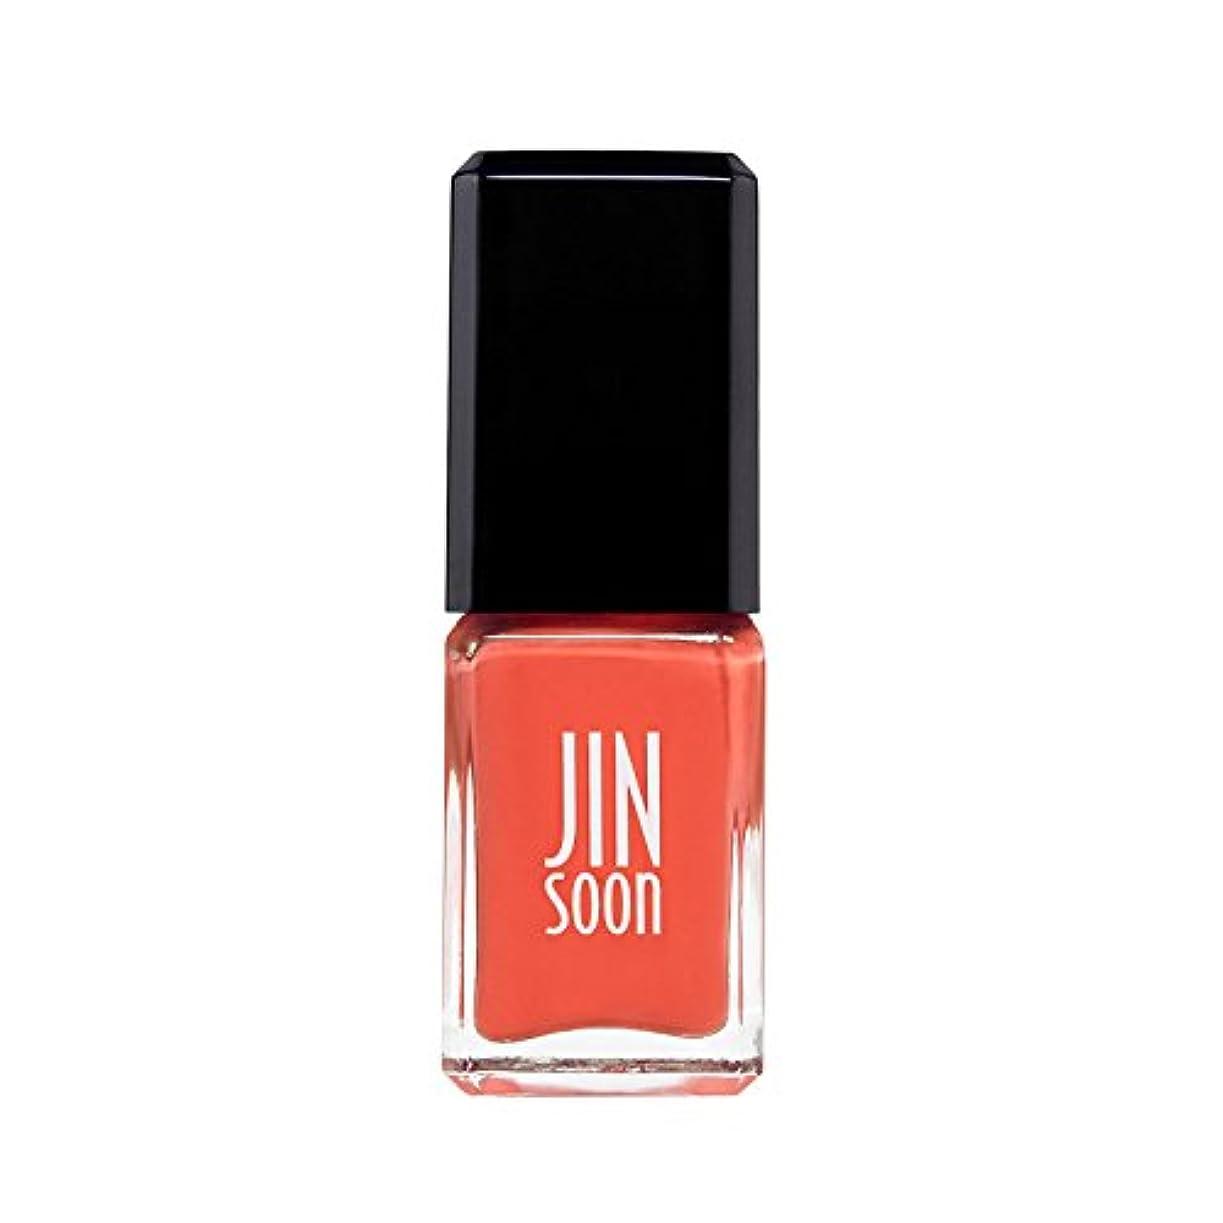 [ジンスーン] [ jinsoon] シノピア(バーミリオン) Sinopia ジンスーン 5フリー ネイルポリッシュ【オレンジ、赤】